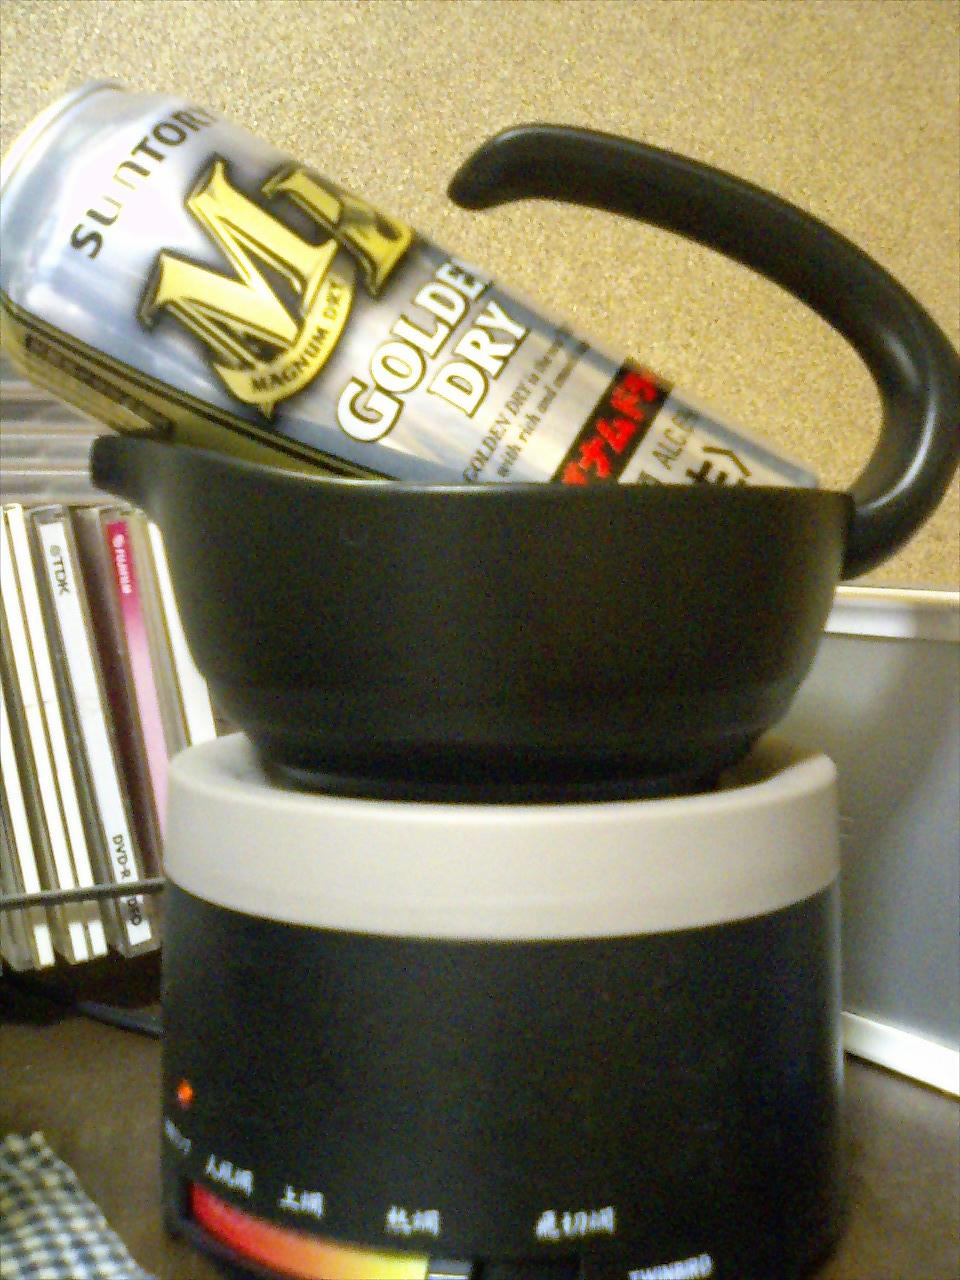 酒燗器でビールを温めてみた.JPG